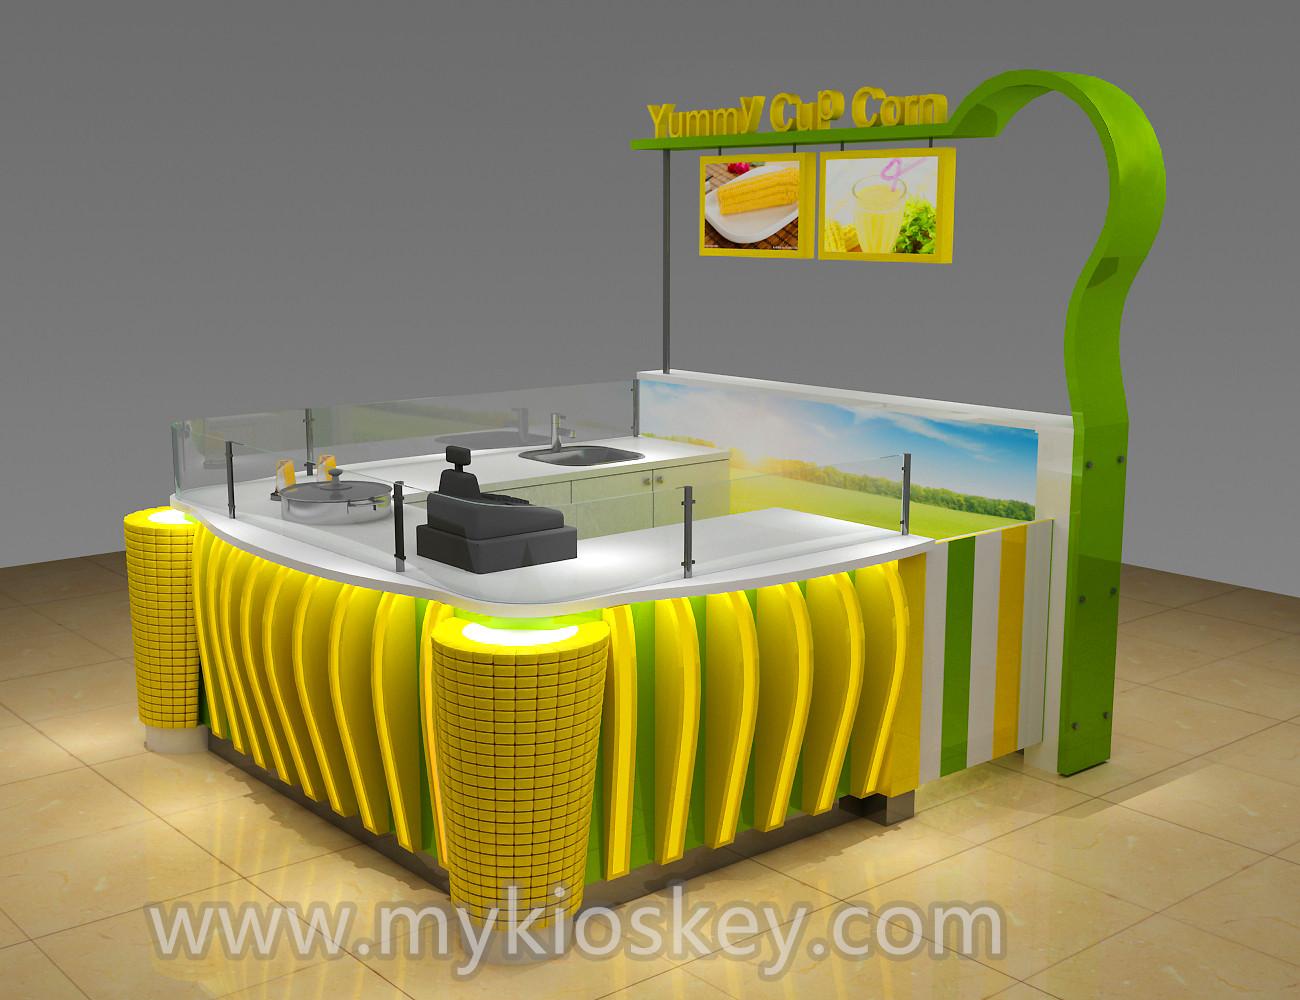 corn kiosk